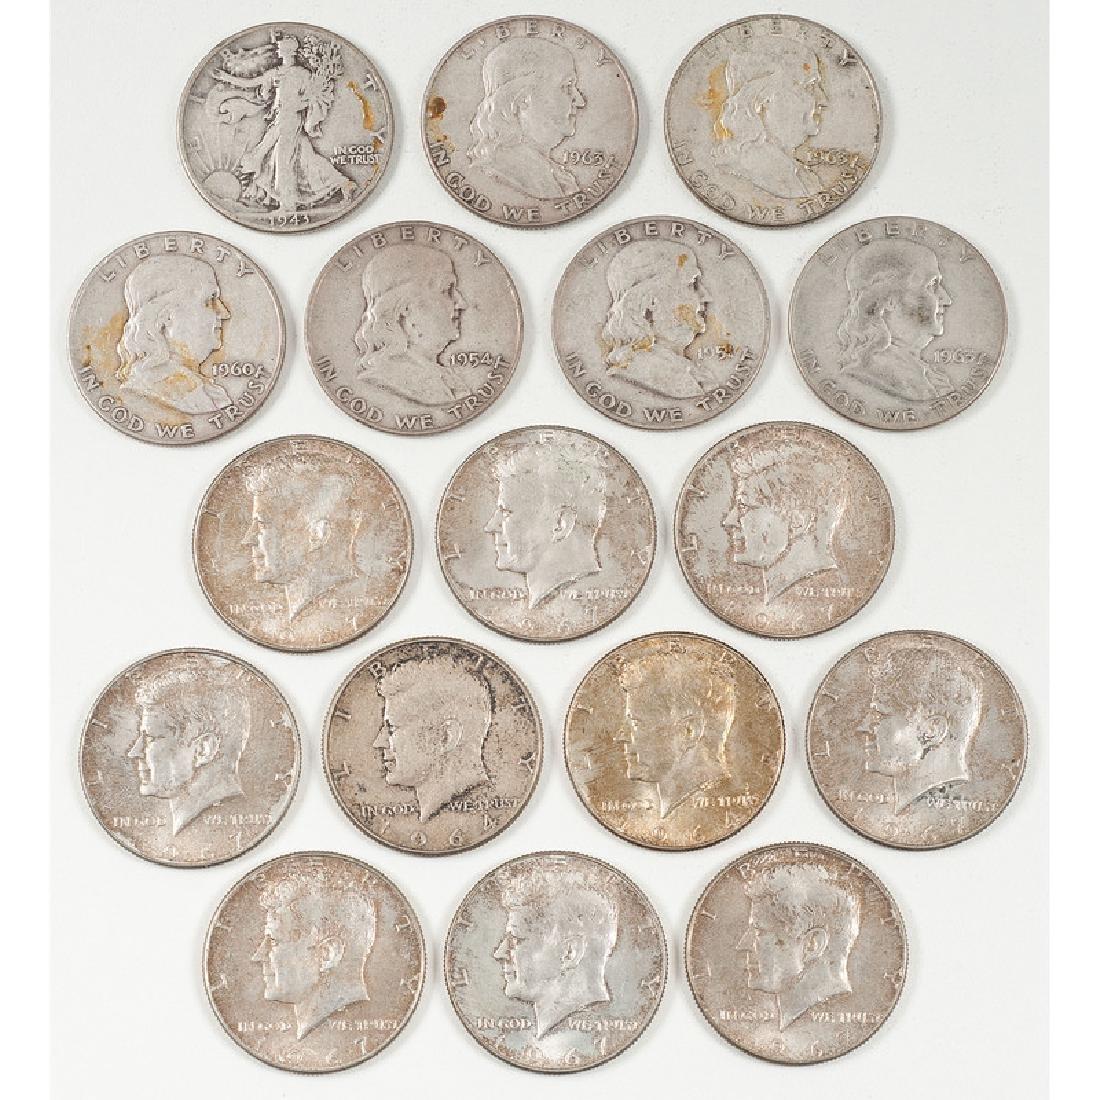 United States Half Dollars 1943 - 1967